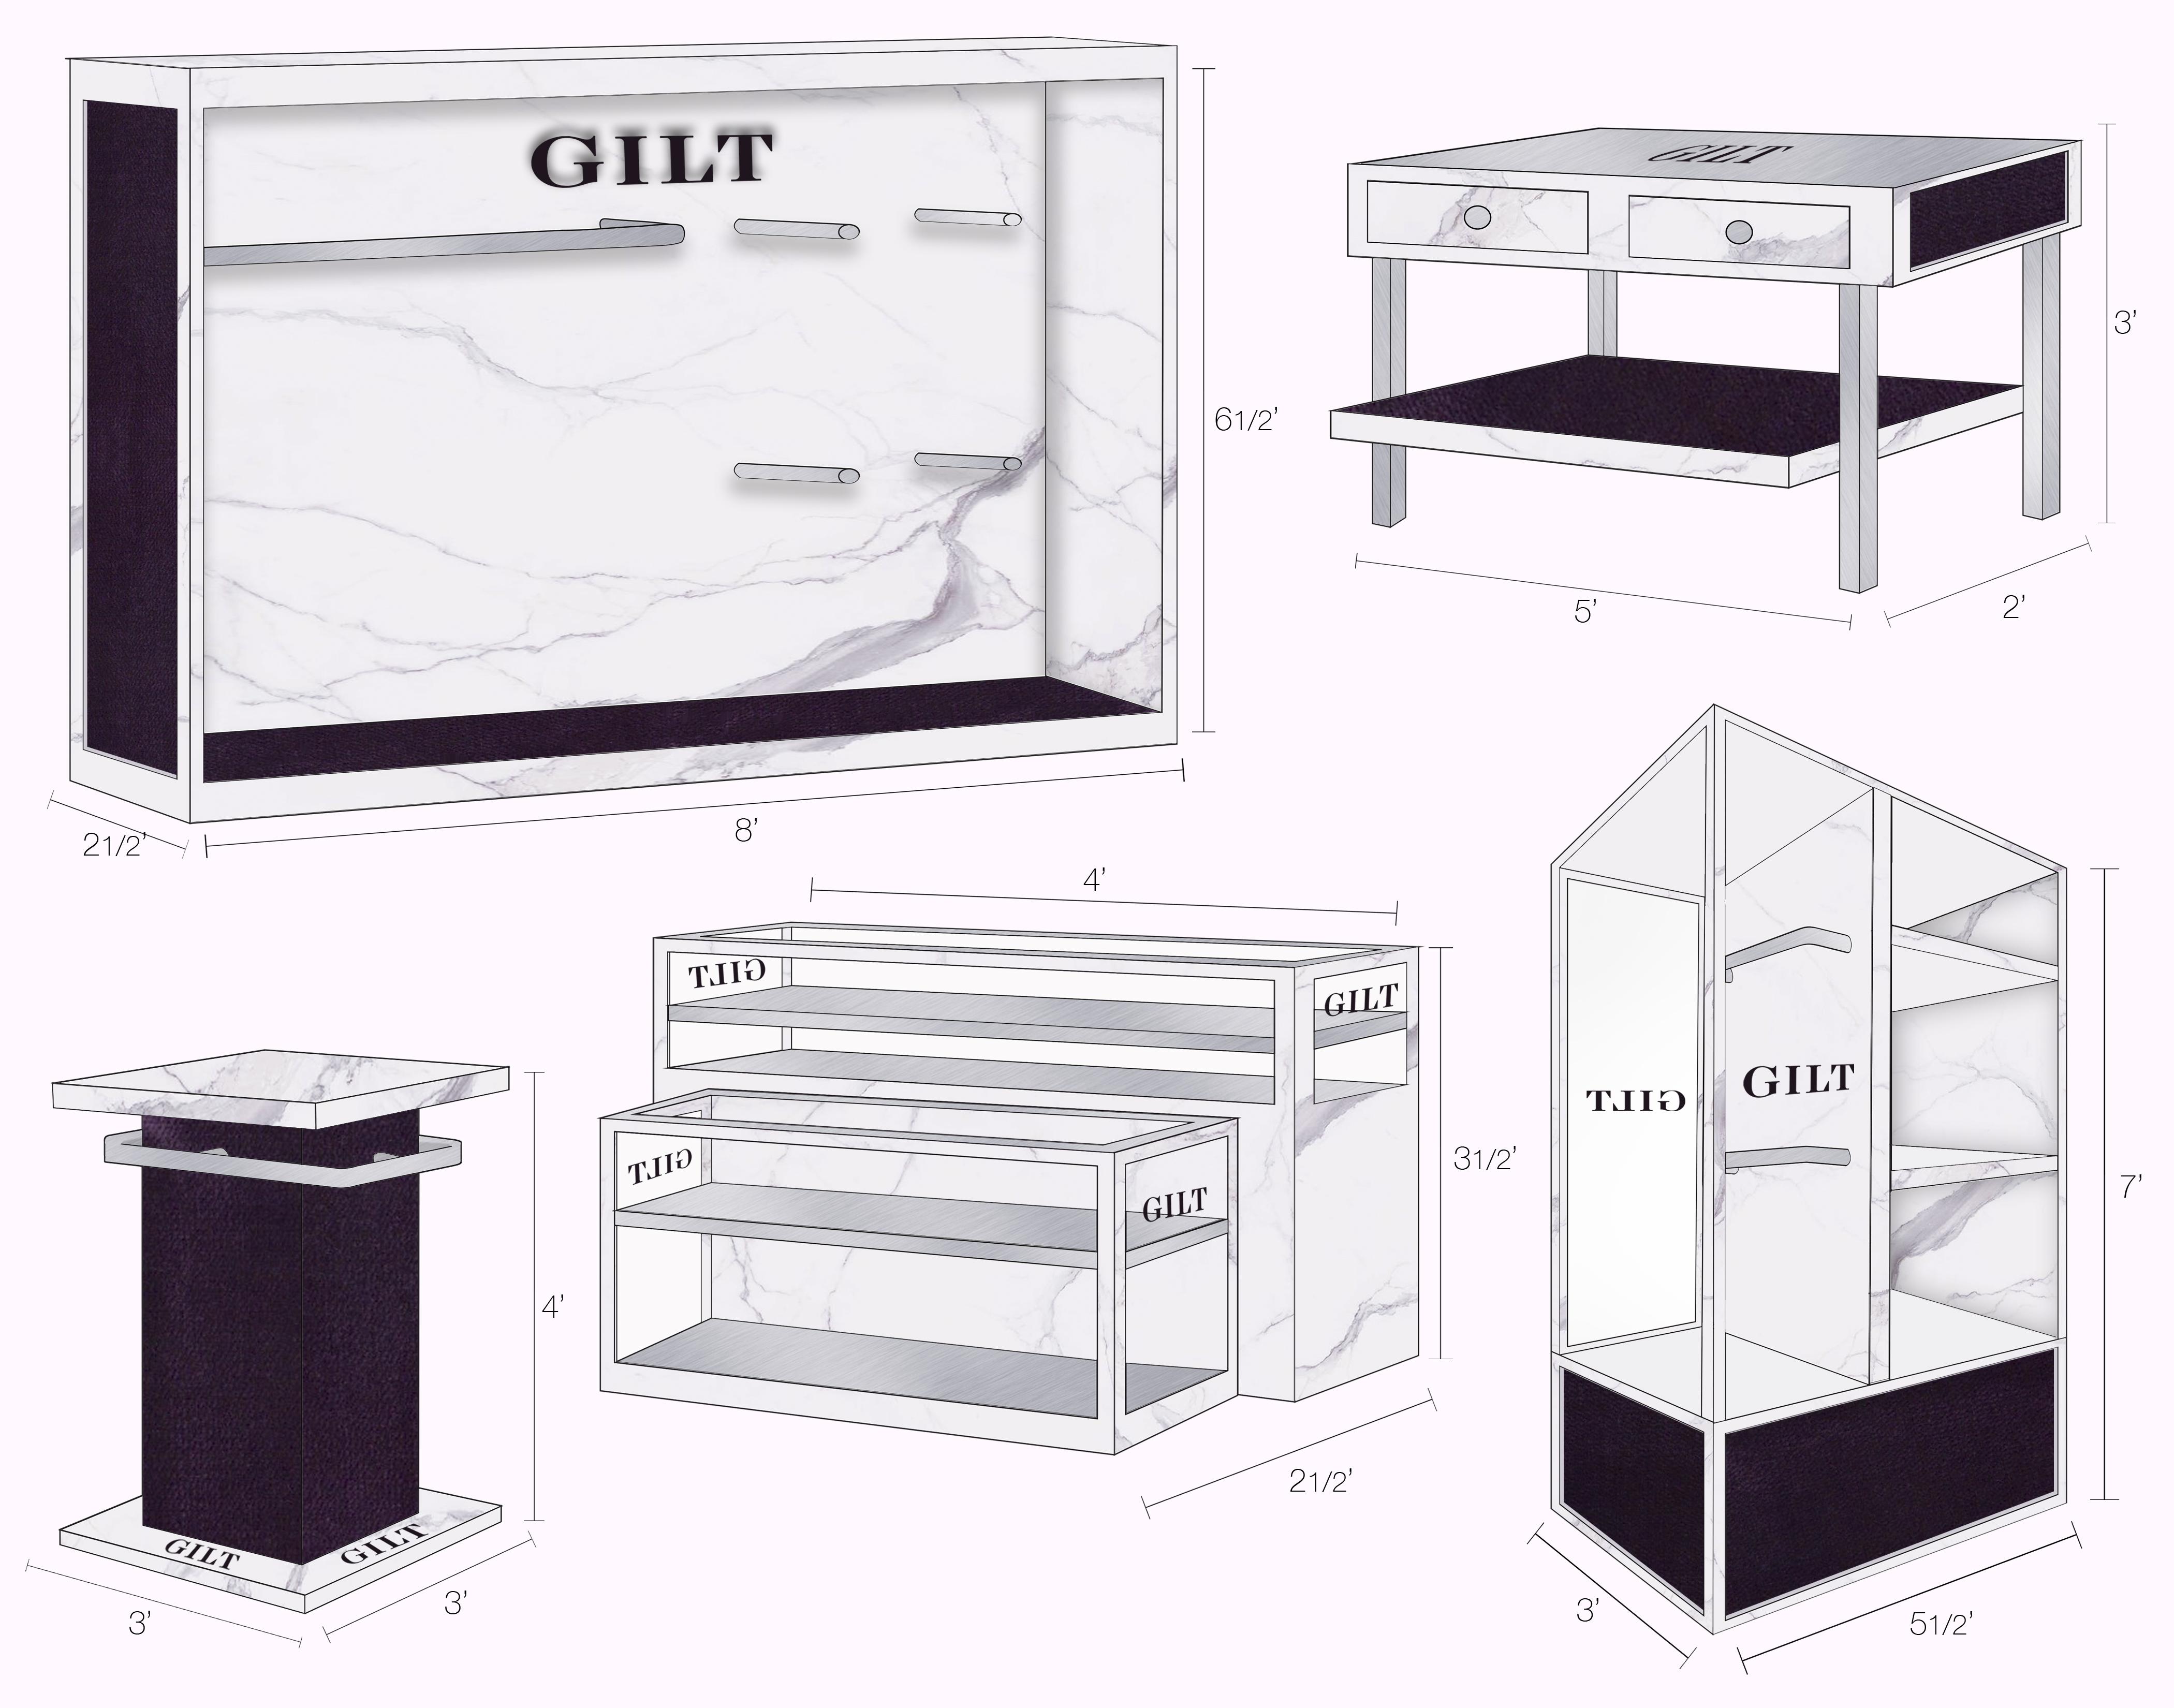 Gilt - Custom Fixtures